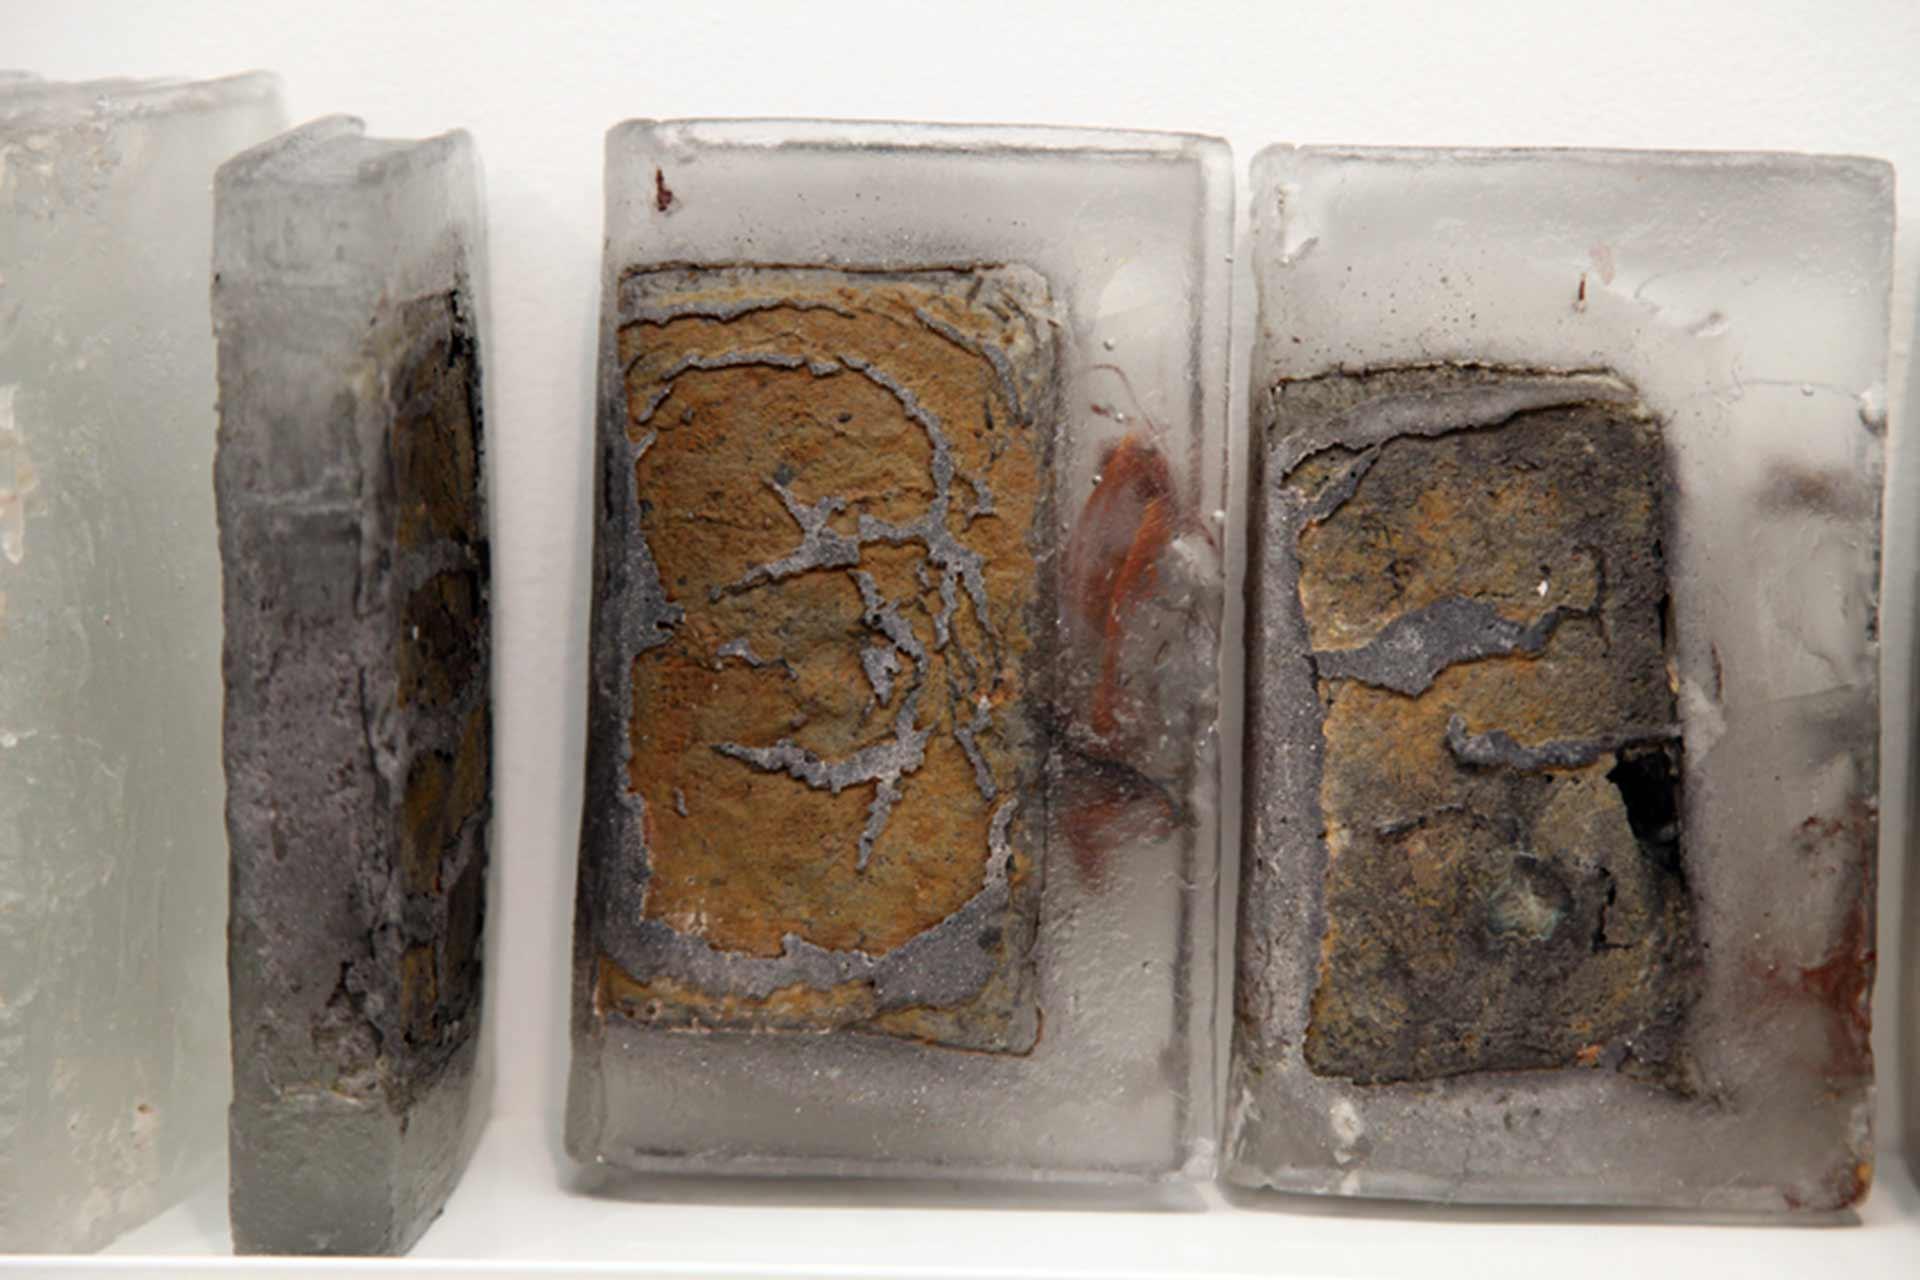 Création de Livres de bibiliothèque en verre avec incrustation de matières pour Pascal Convert par Olivier Juteau Maitre Verrier